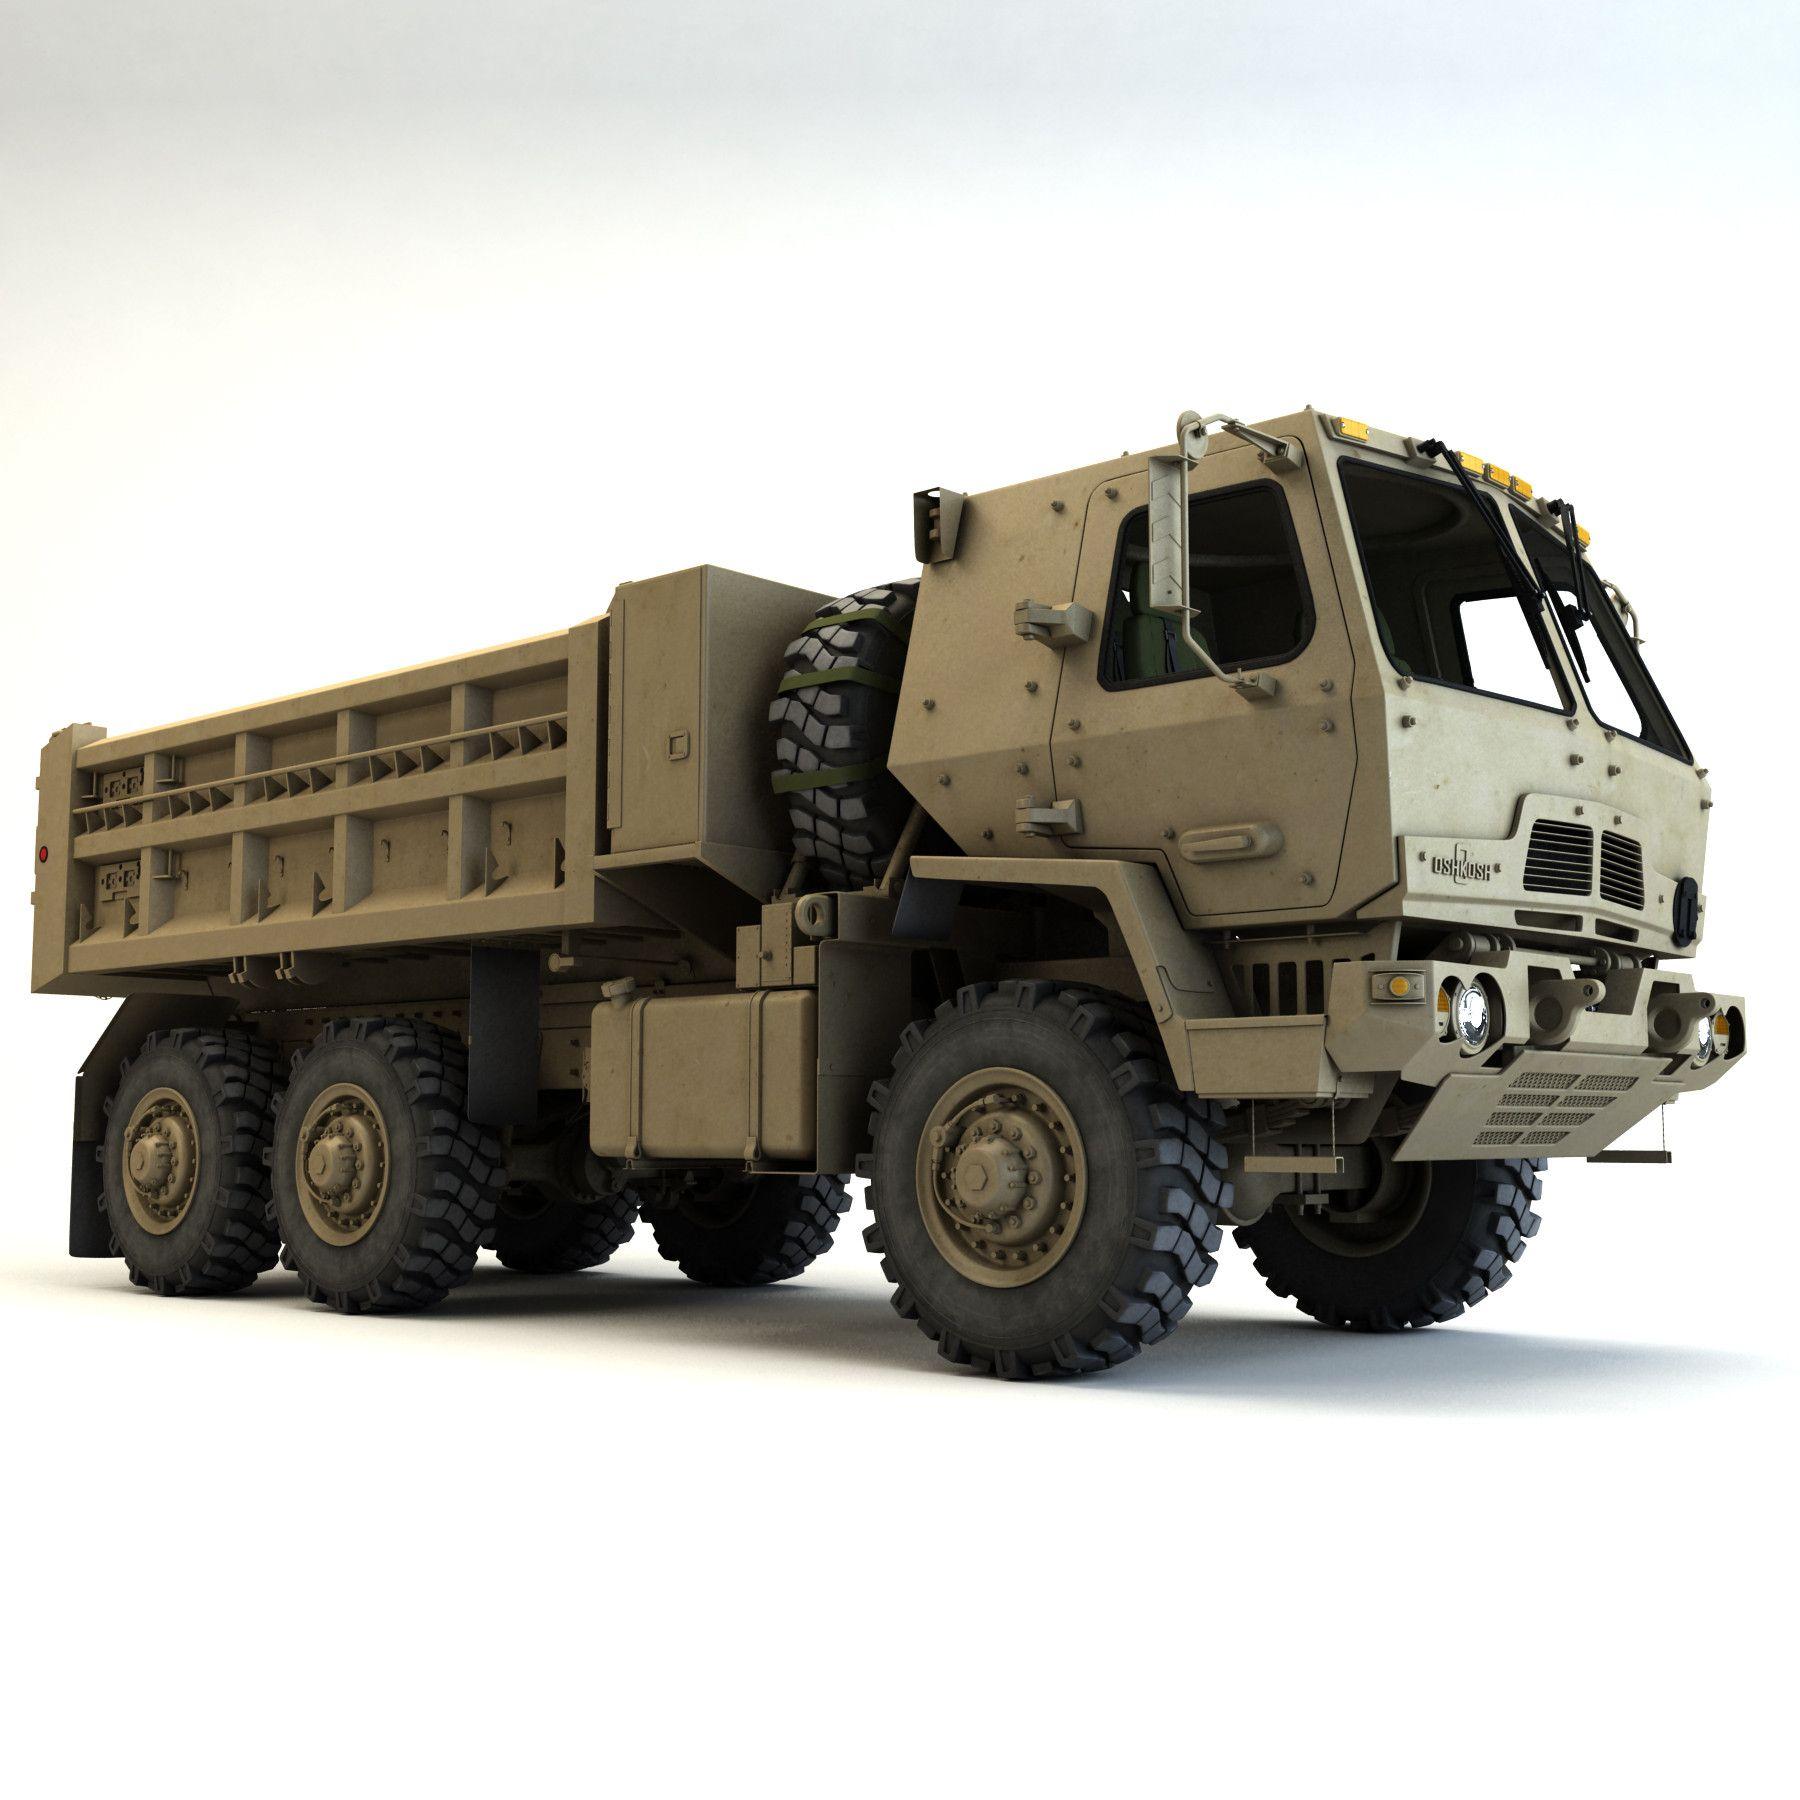 http://www.turbosquid.com/3d-models/max-oshkosh-fmtv-dump-truck/795156